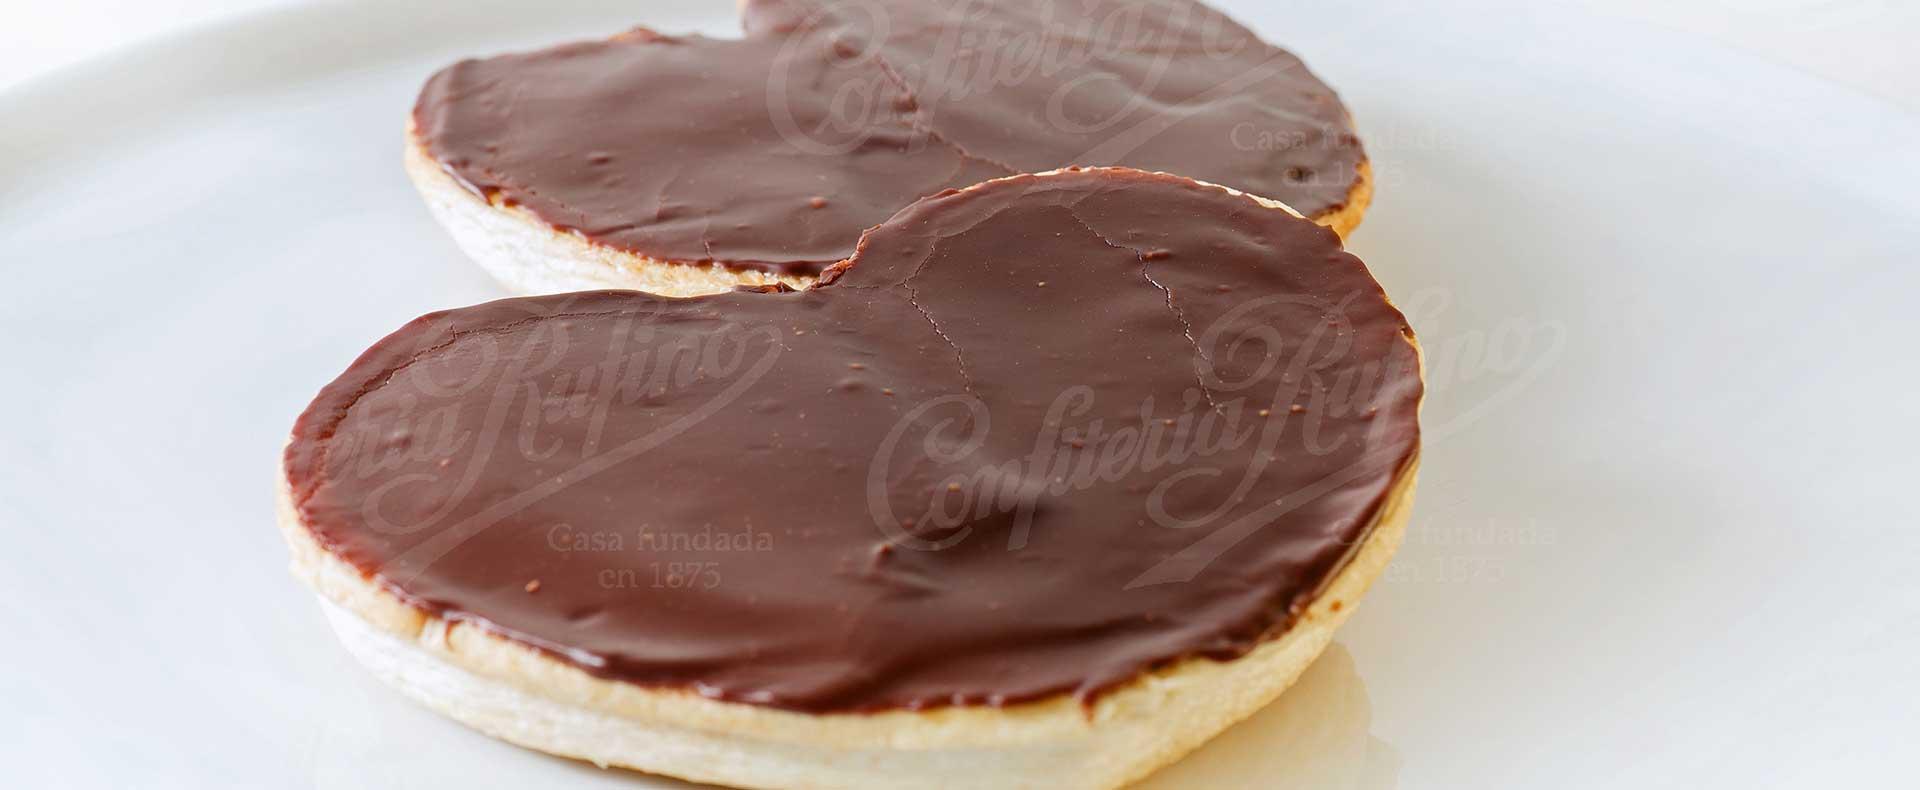 palmera de chocolate Confiteria Rufino Aracena